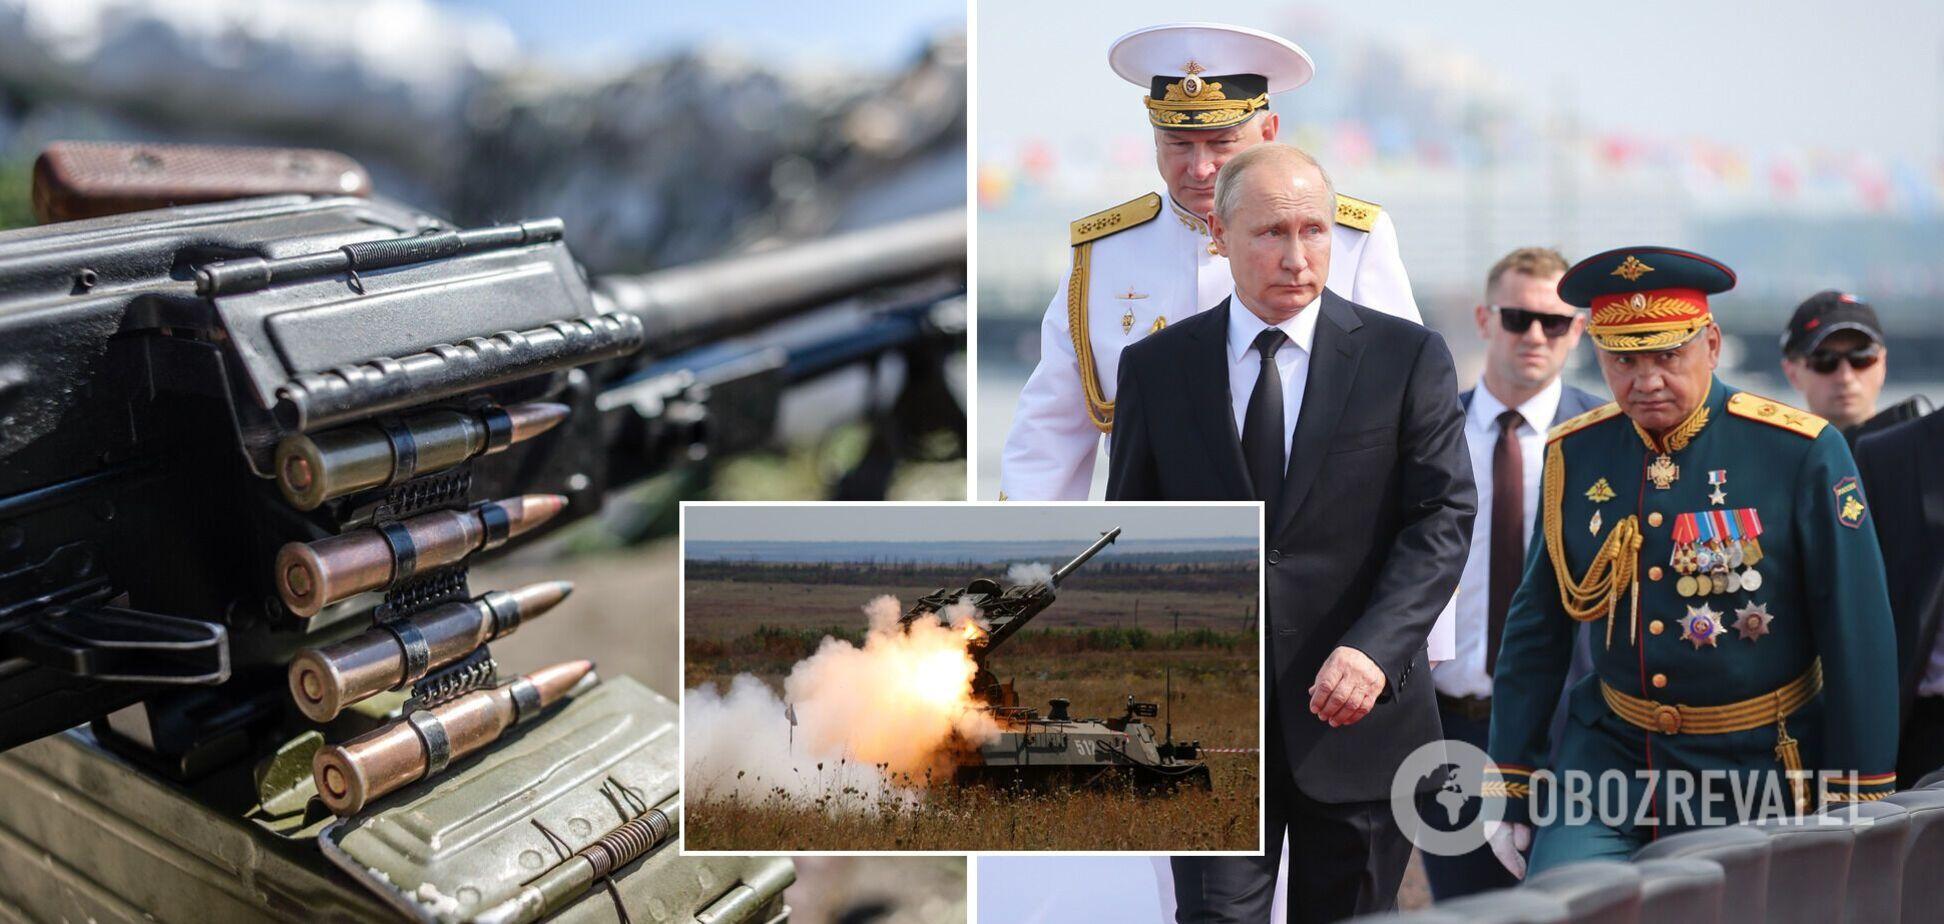 Гримчак: Путін готовий під виглядом миротворців ввести війська на Донбас